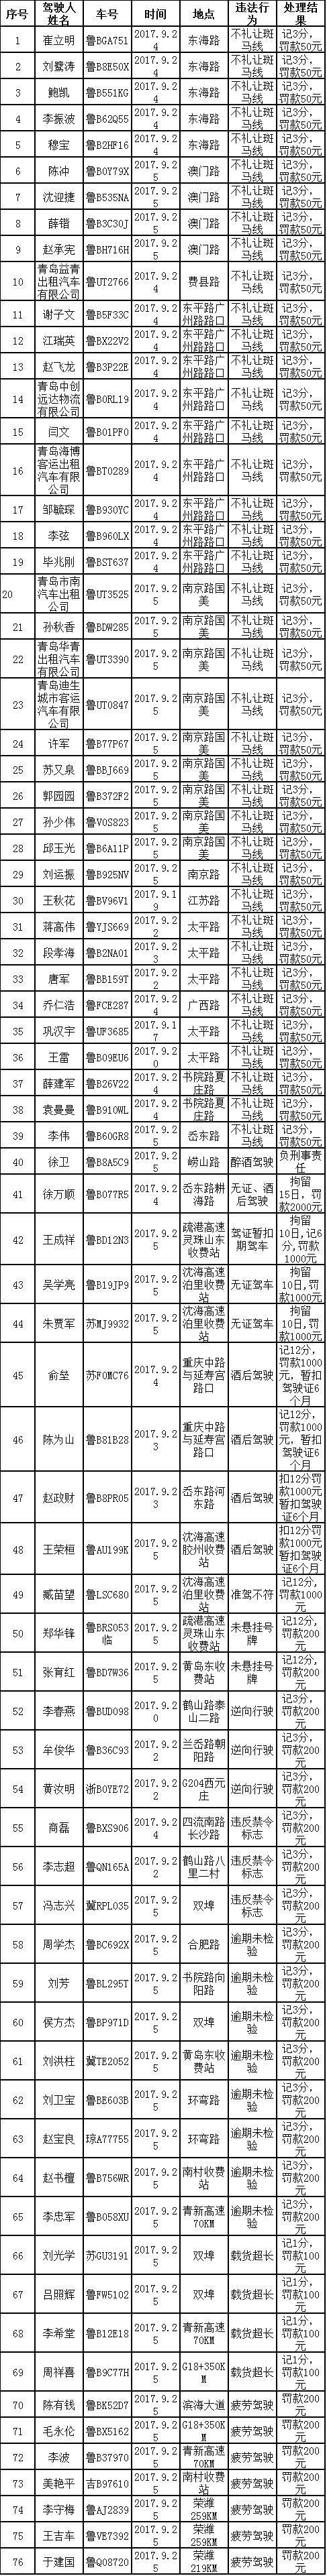 【畅安青岛】76名违法司机曝光 一半因斑马线